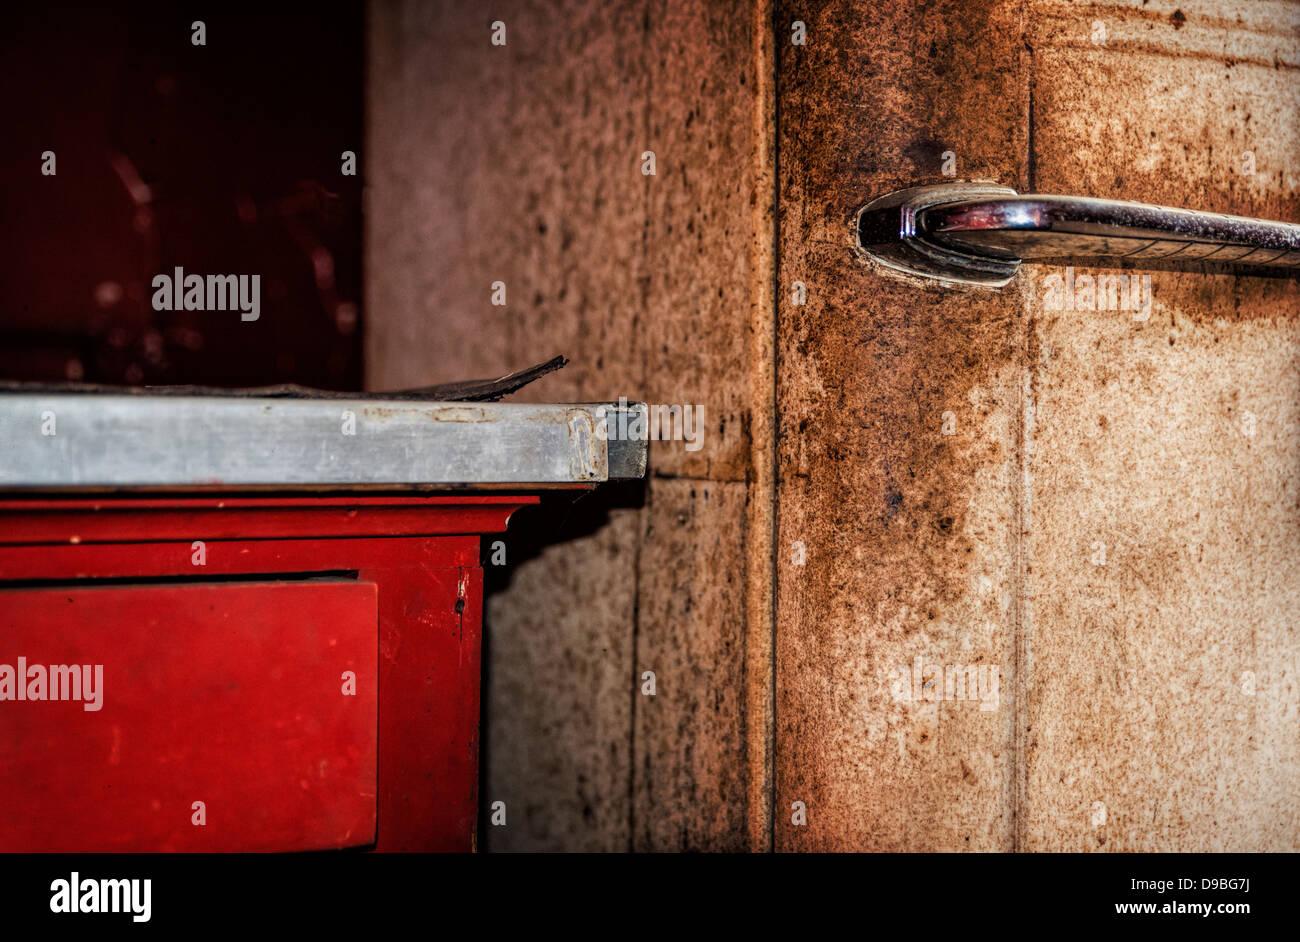 Dettaglio del vecchio arrugginito frigo e cucina. Immagini Stock